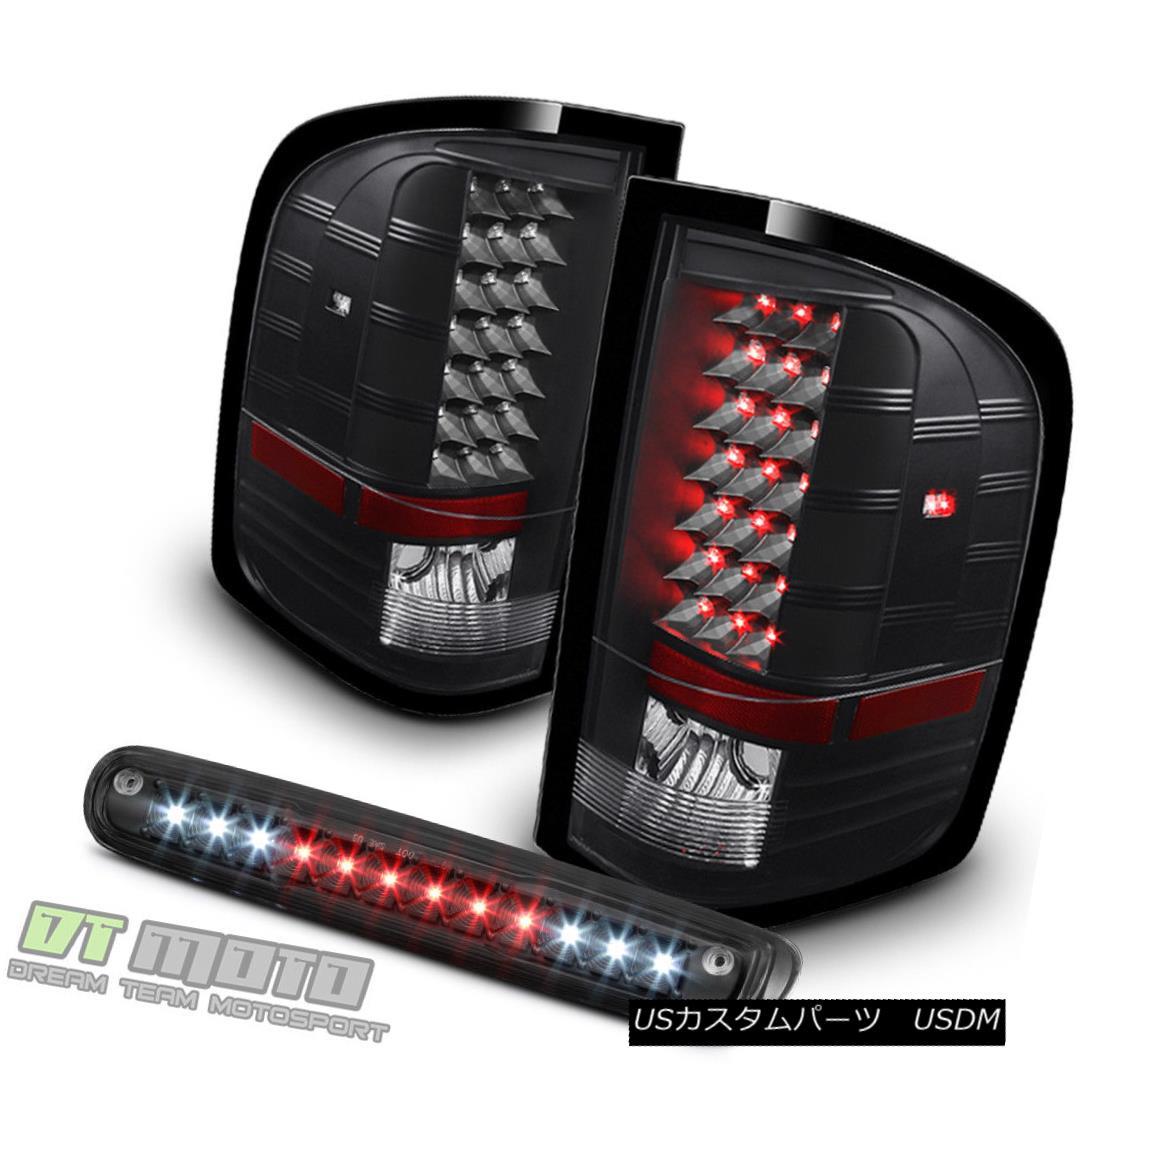 テールライト Blk 2007-2013 Chevy Silverado 1500 2500 3500 LED Tail Lights+LED 3rd Brake Lamp Blk 2007-2013 Chevy Silverado 1500 2500 3500 LEDテールライト+ LED第3ブレーキランプ